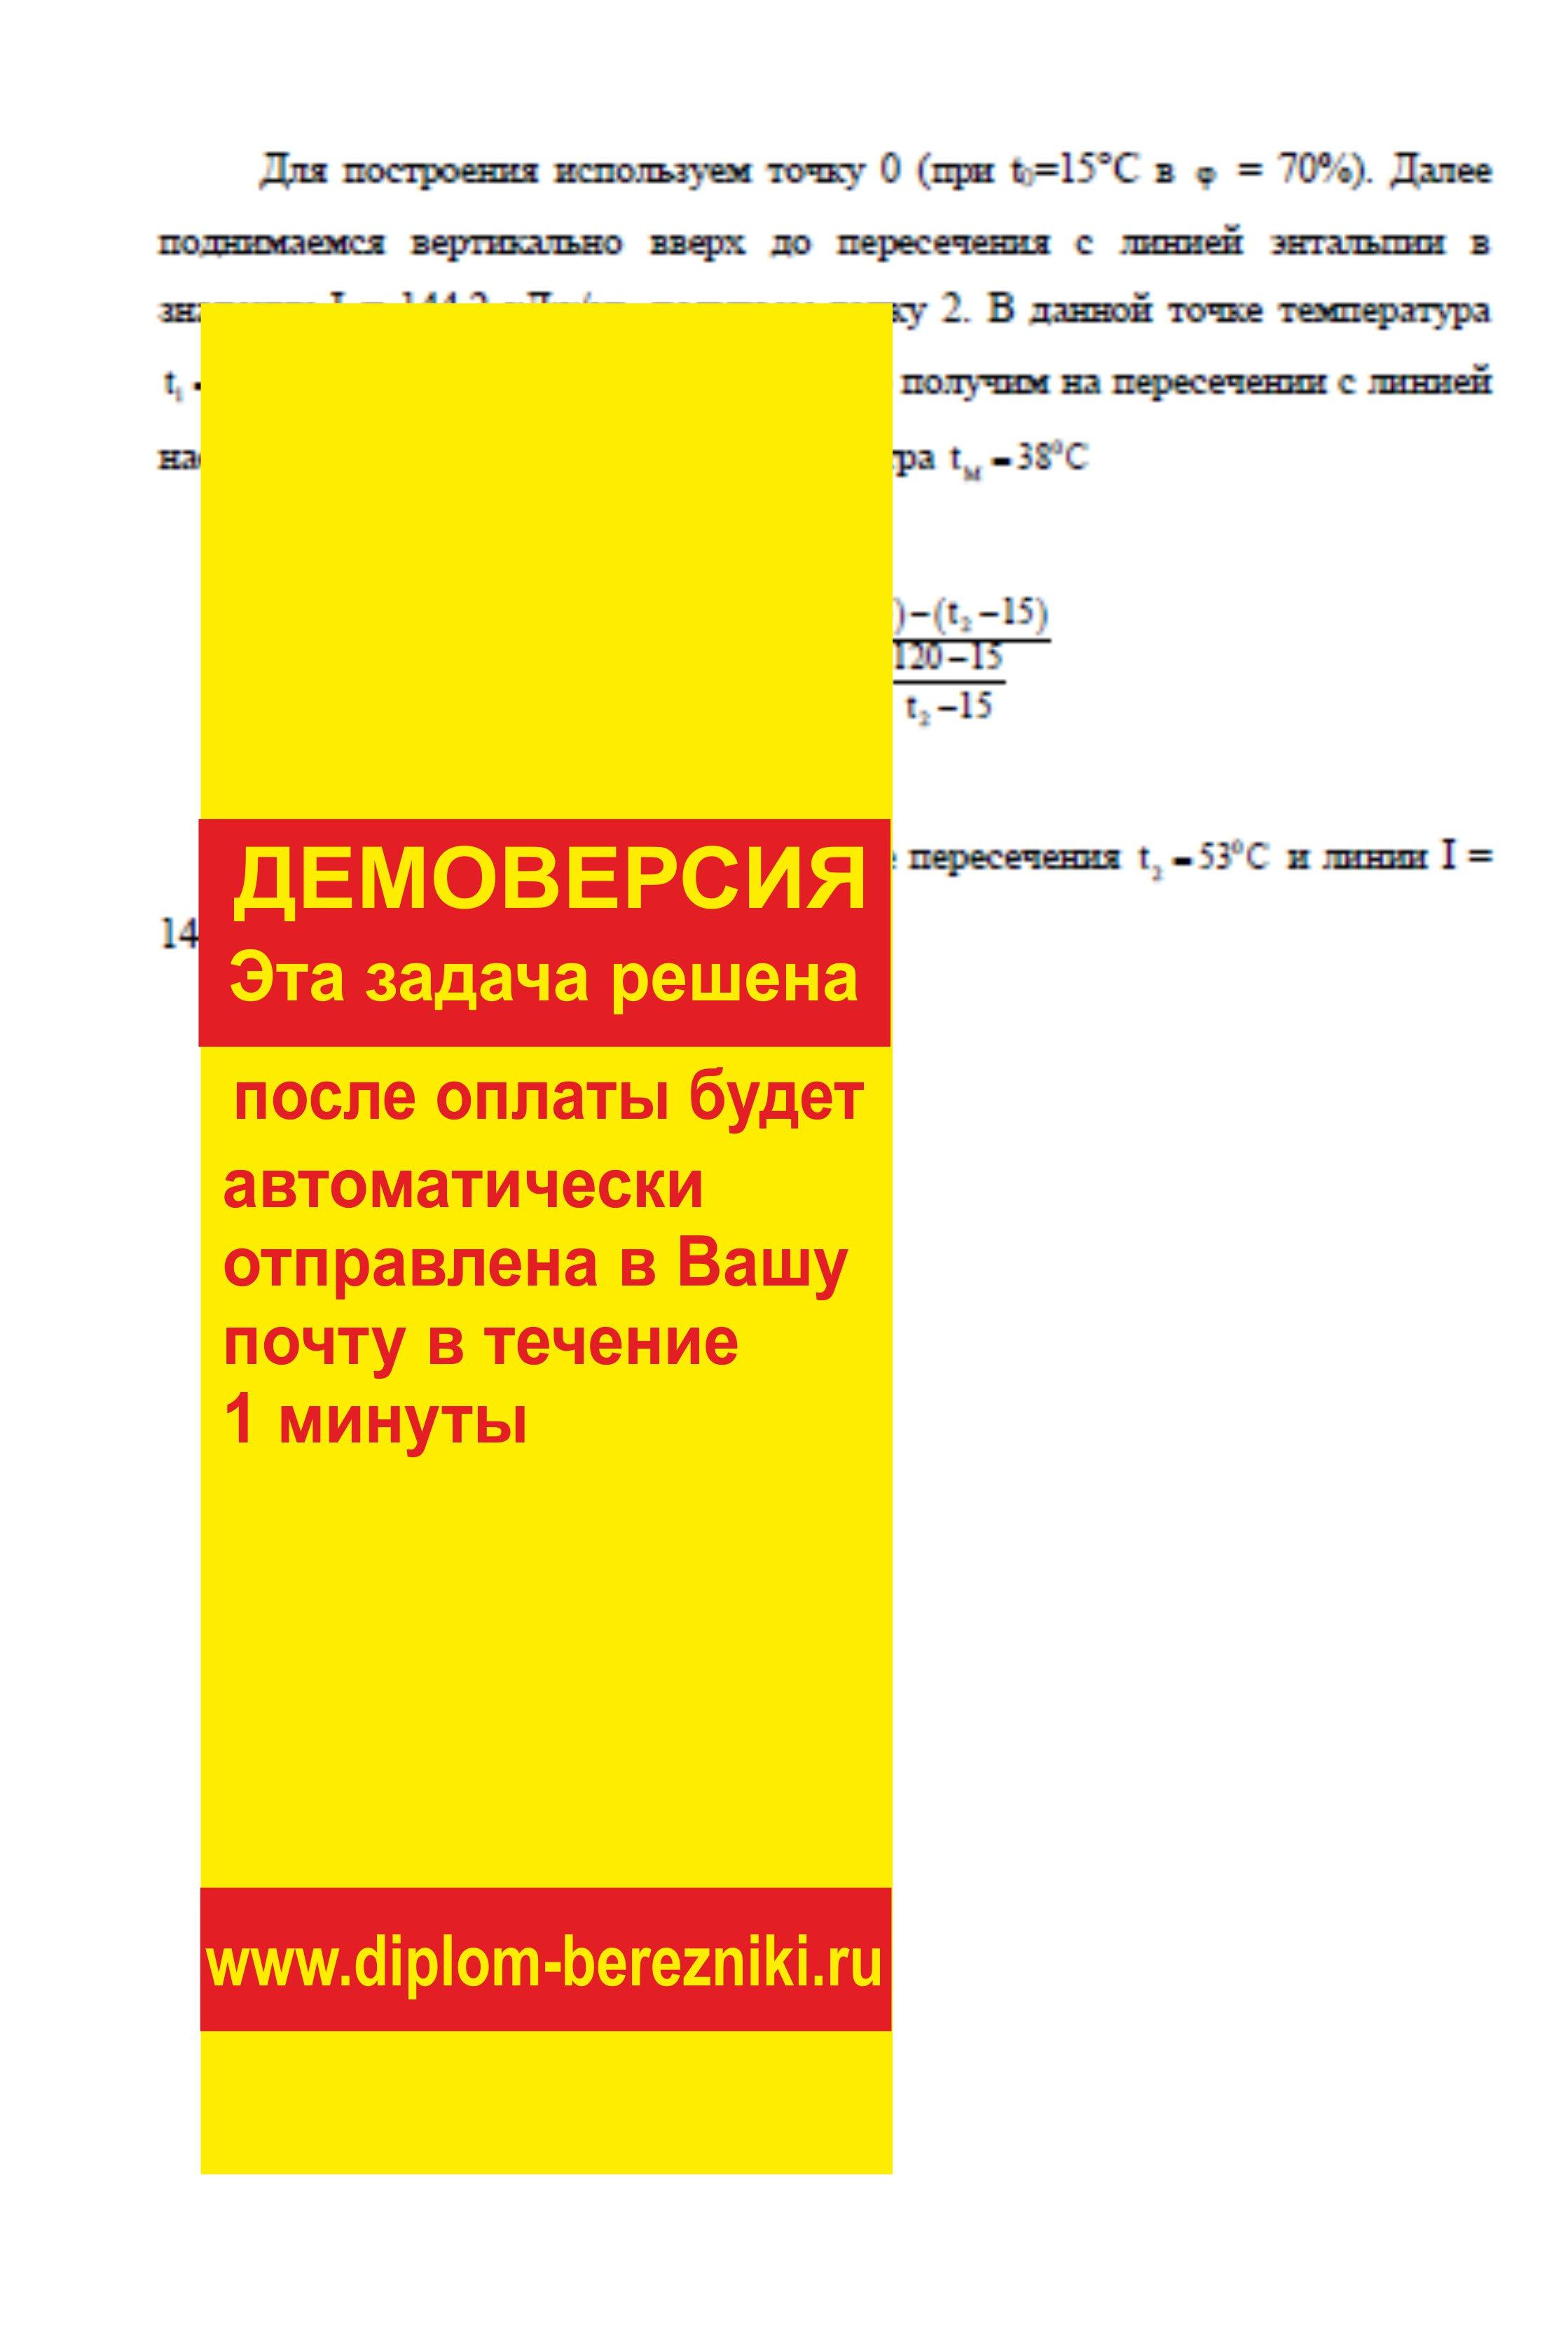 Решение задачи 10.25 по ПАХТ из задачника Павлова Романкова Носкова